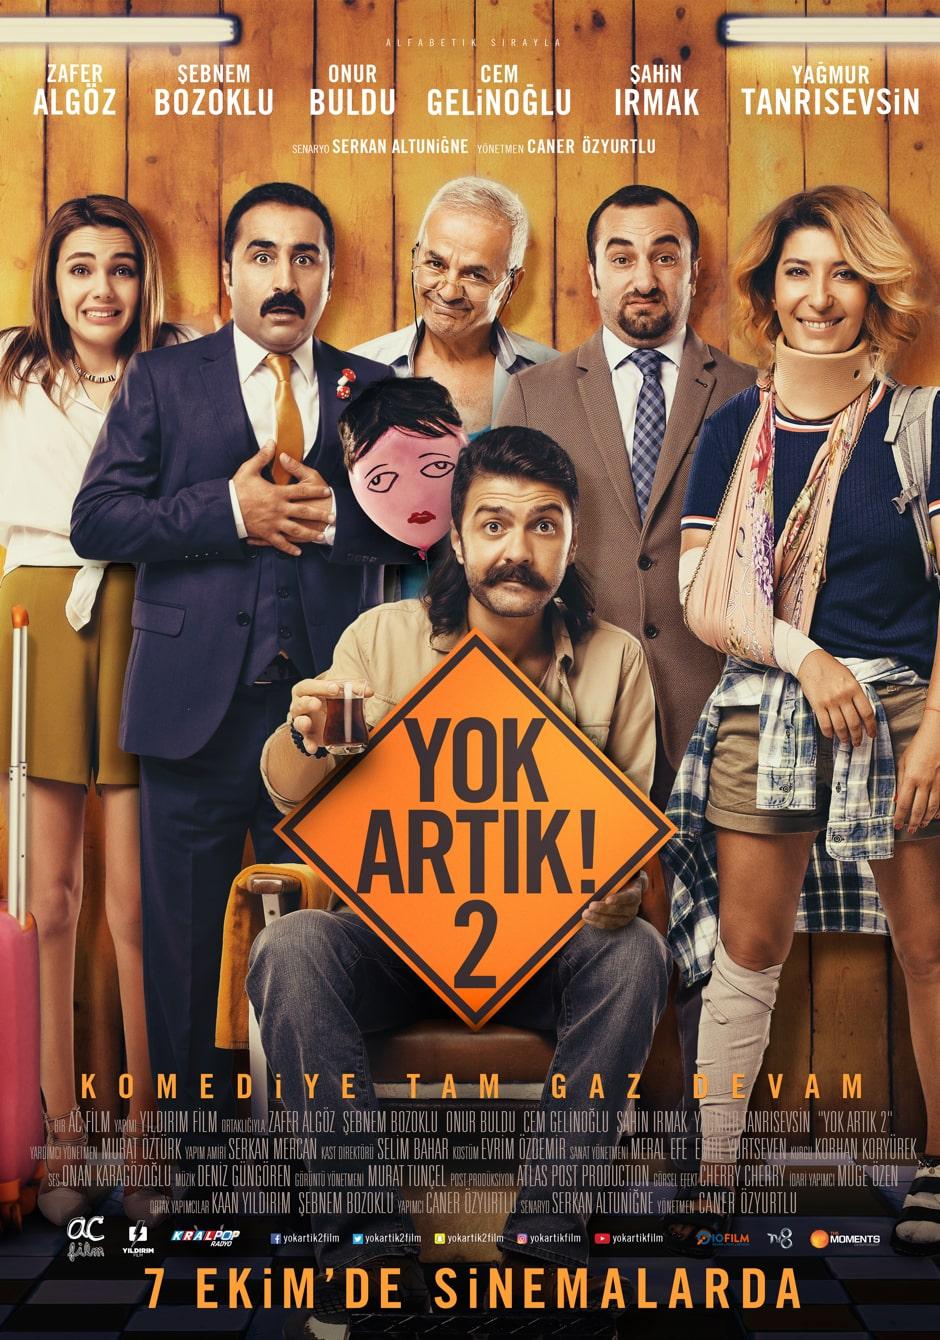 YOK_ARTIK Copy 2-min